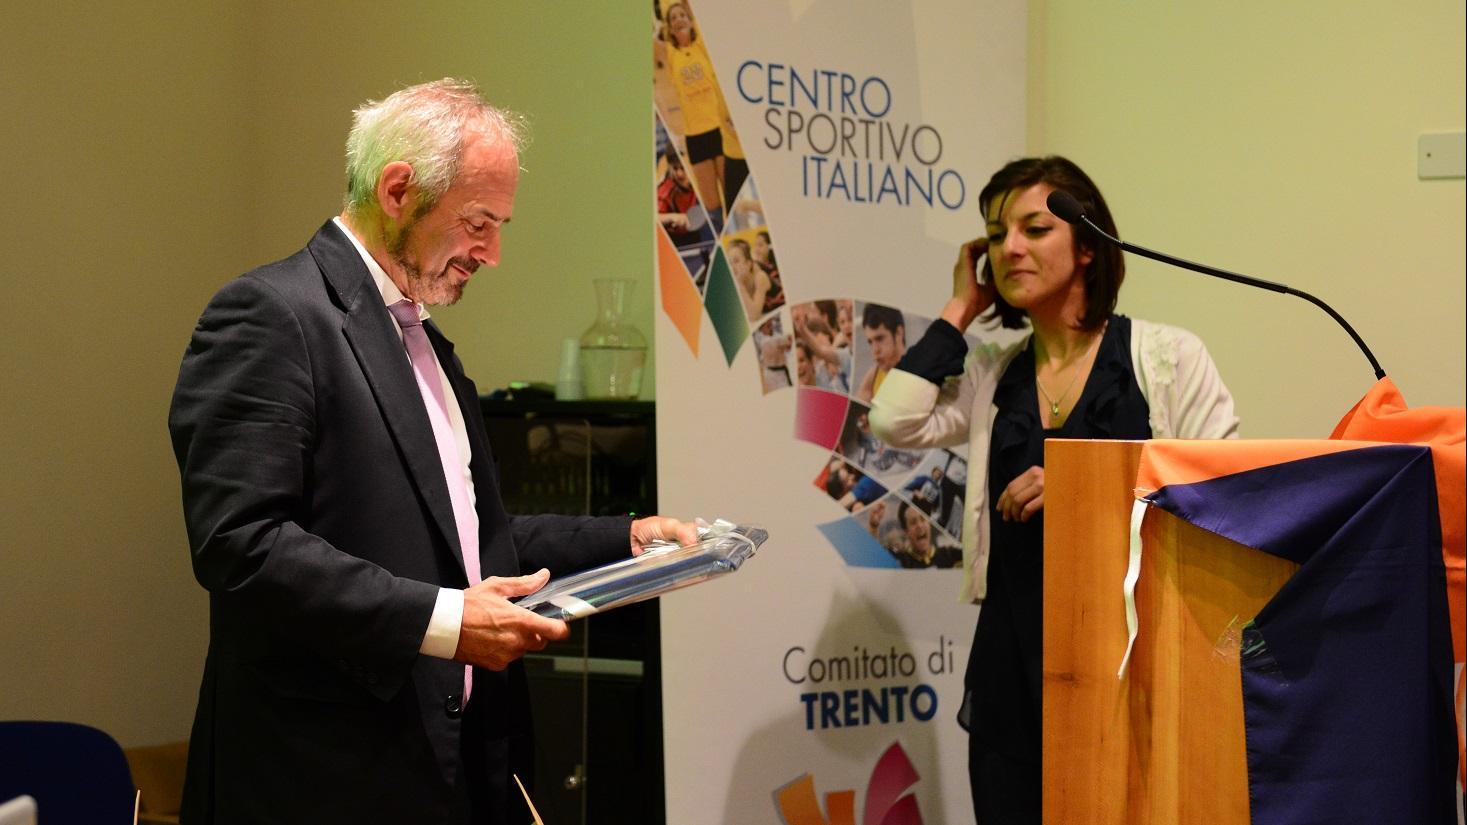 Ufficio Job Guidance Trento Orari : Elezioni c.s.i. trentino centro sportivo italiano trento